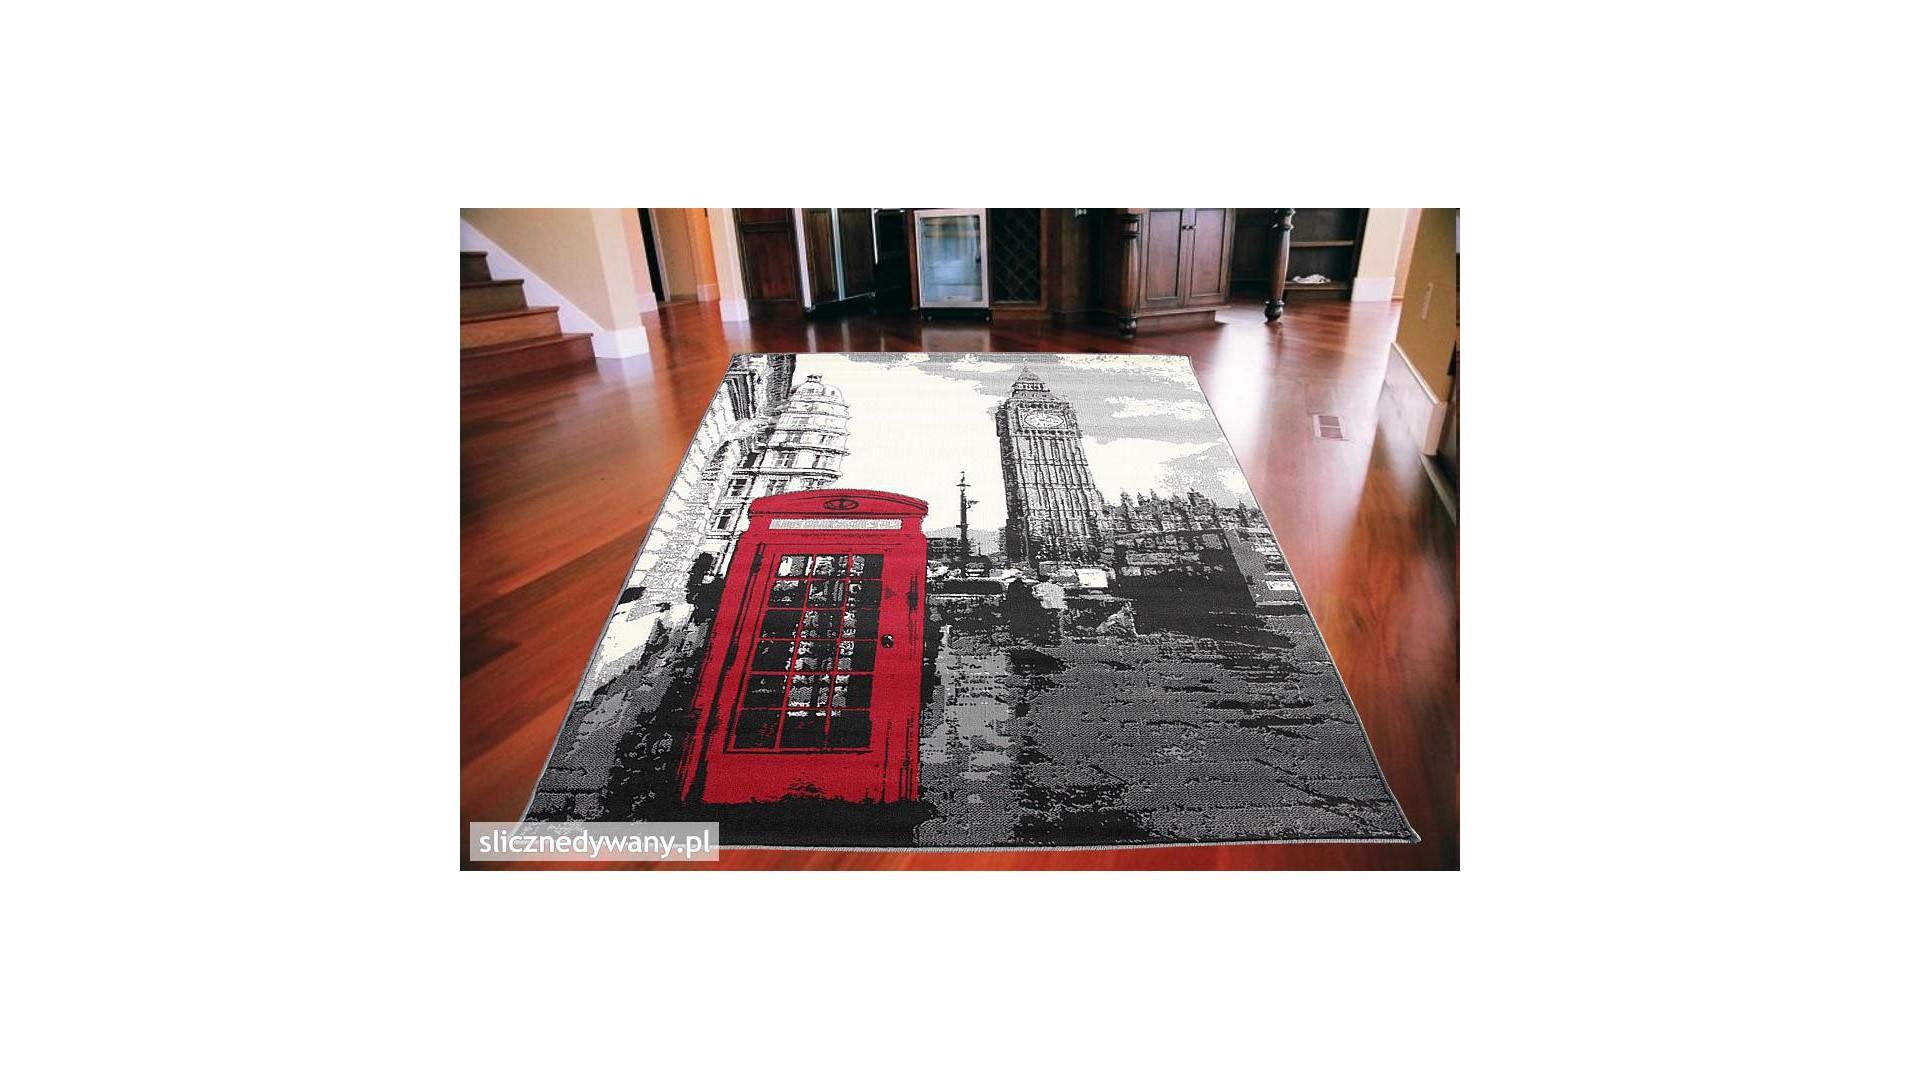 Młodzieżowy dywan do pokoju.